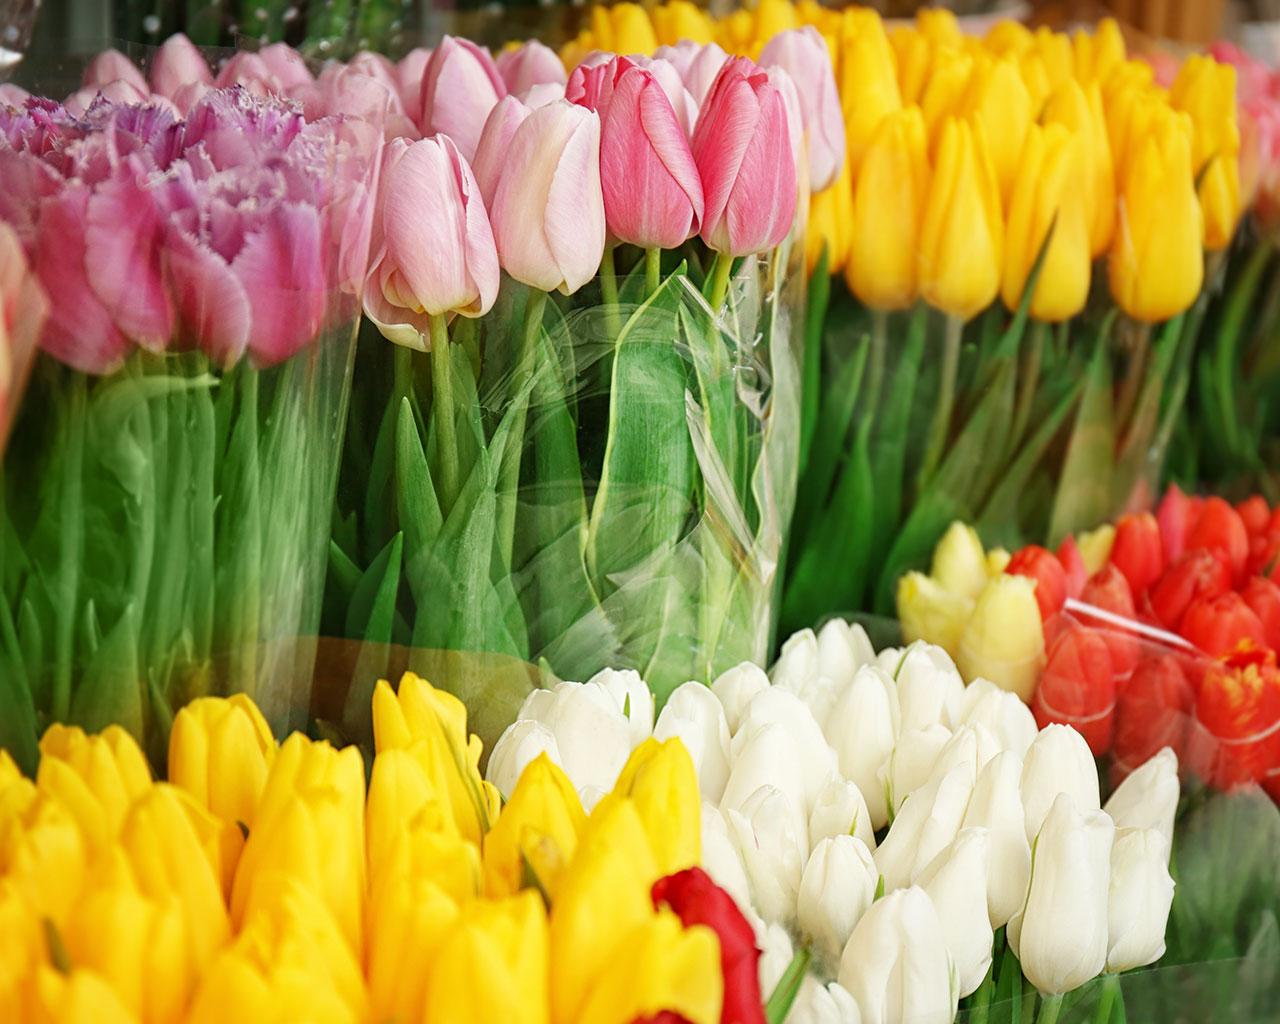 rezane kvetiny vamberk_uvod